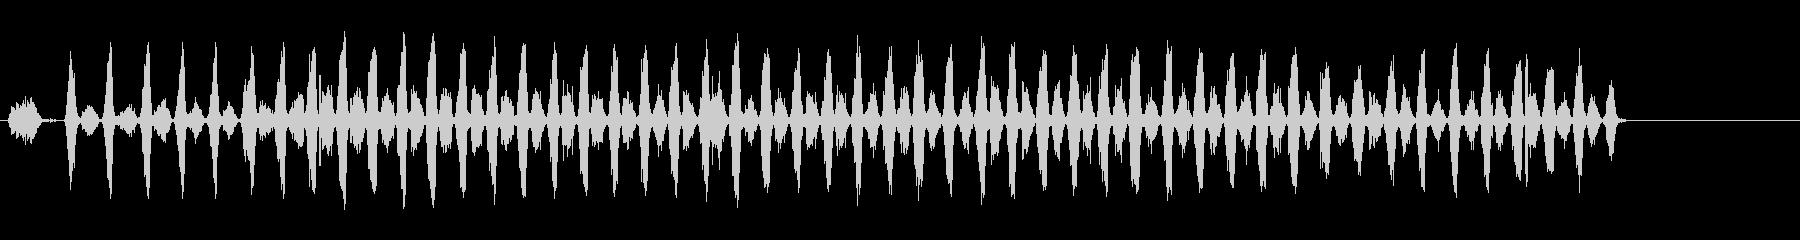 ハンドソー2; FX 61より高い...の未再生の波形